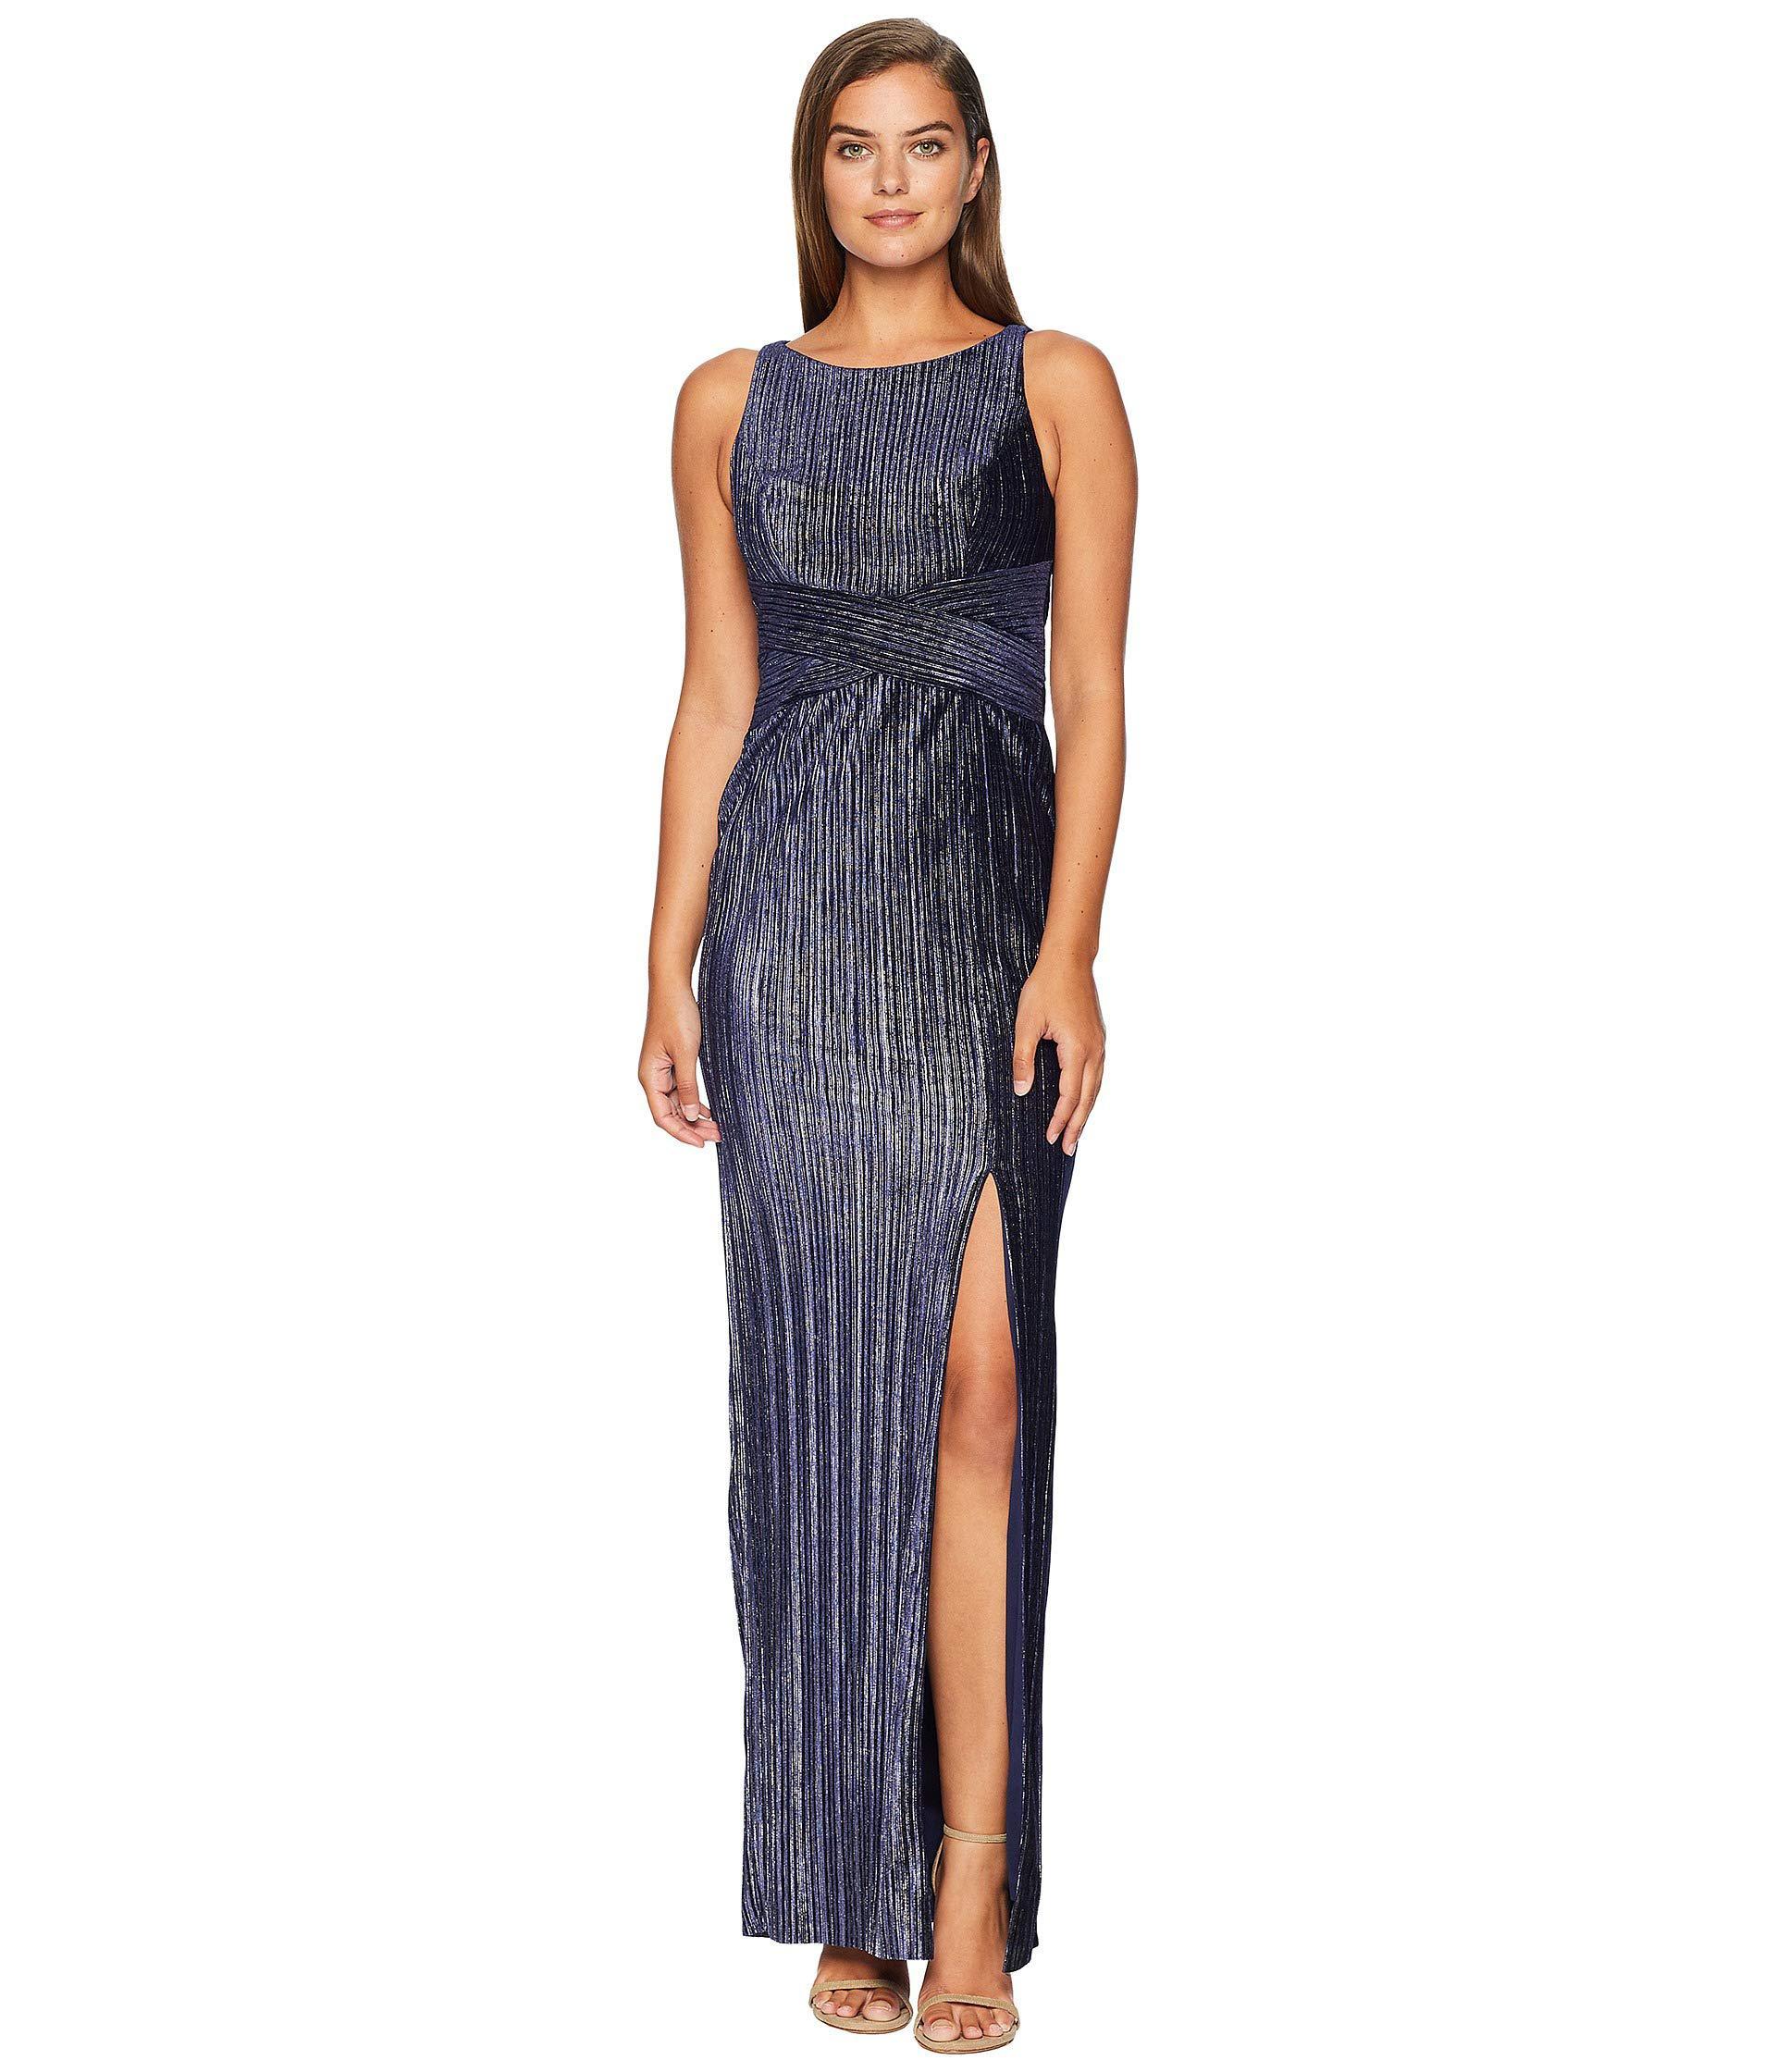 95d58442233c Adrianna Papell Pleat Velvet Column Dress (navy) Women's Dress in ...